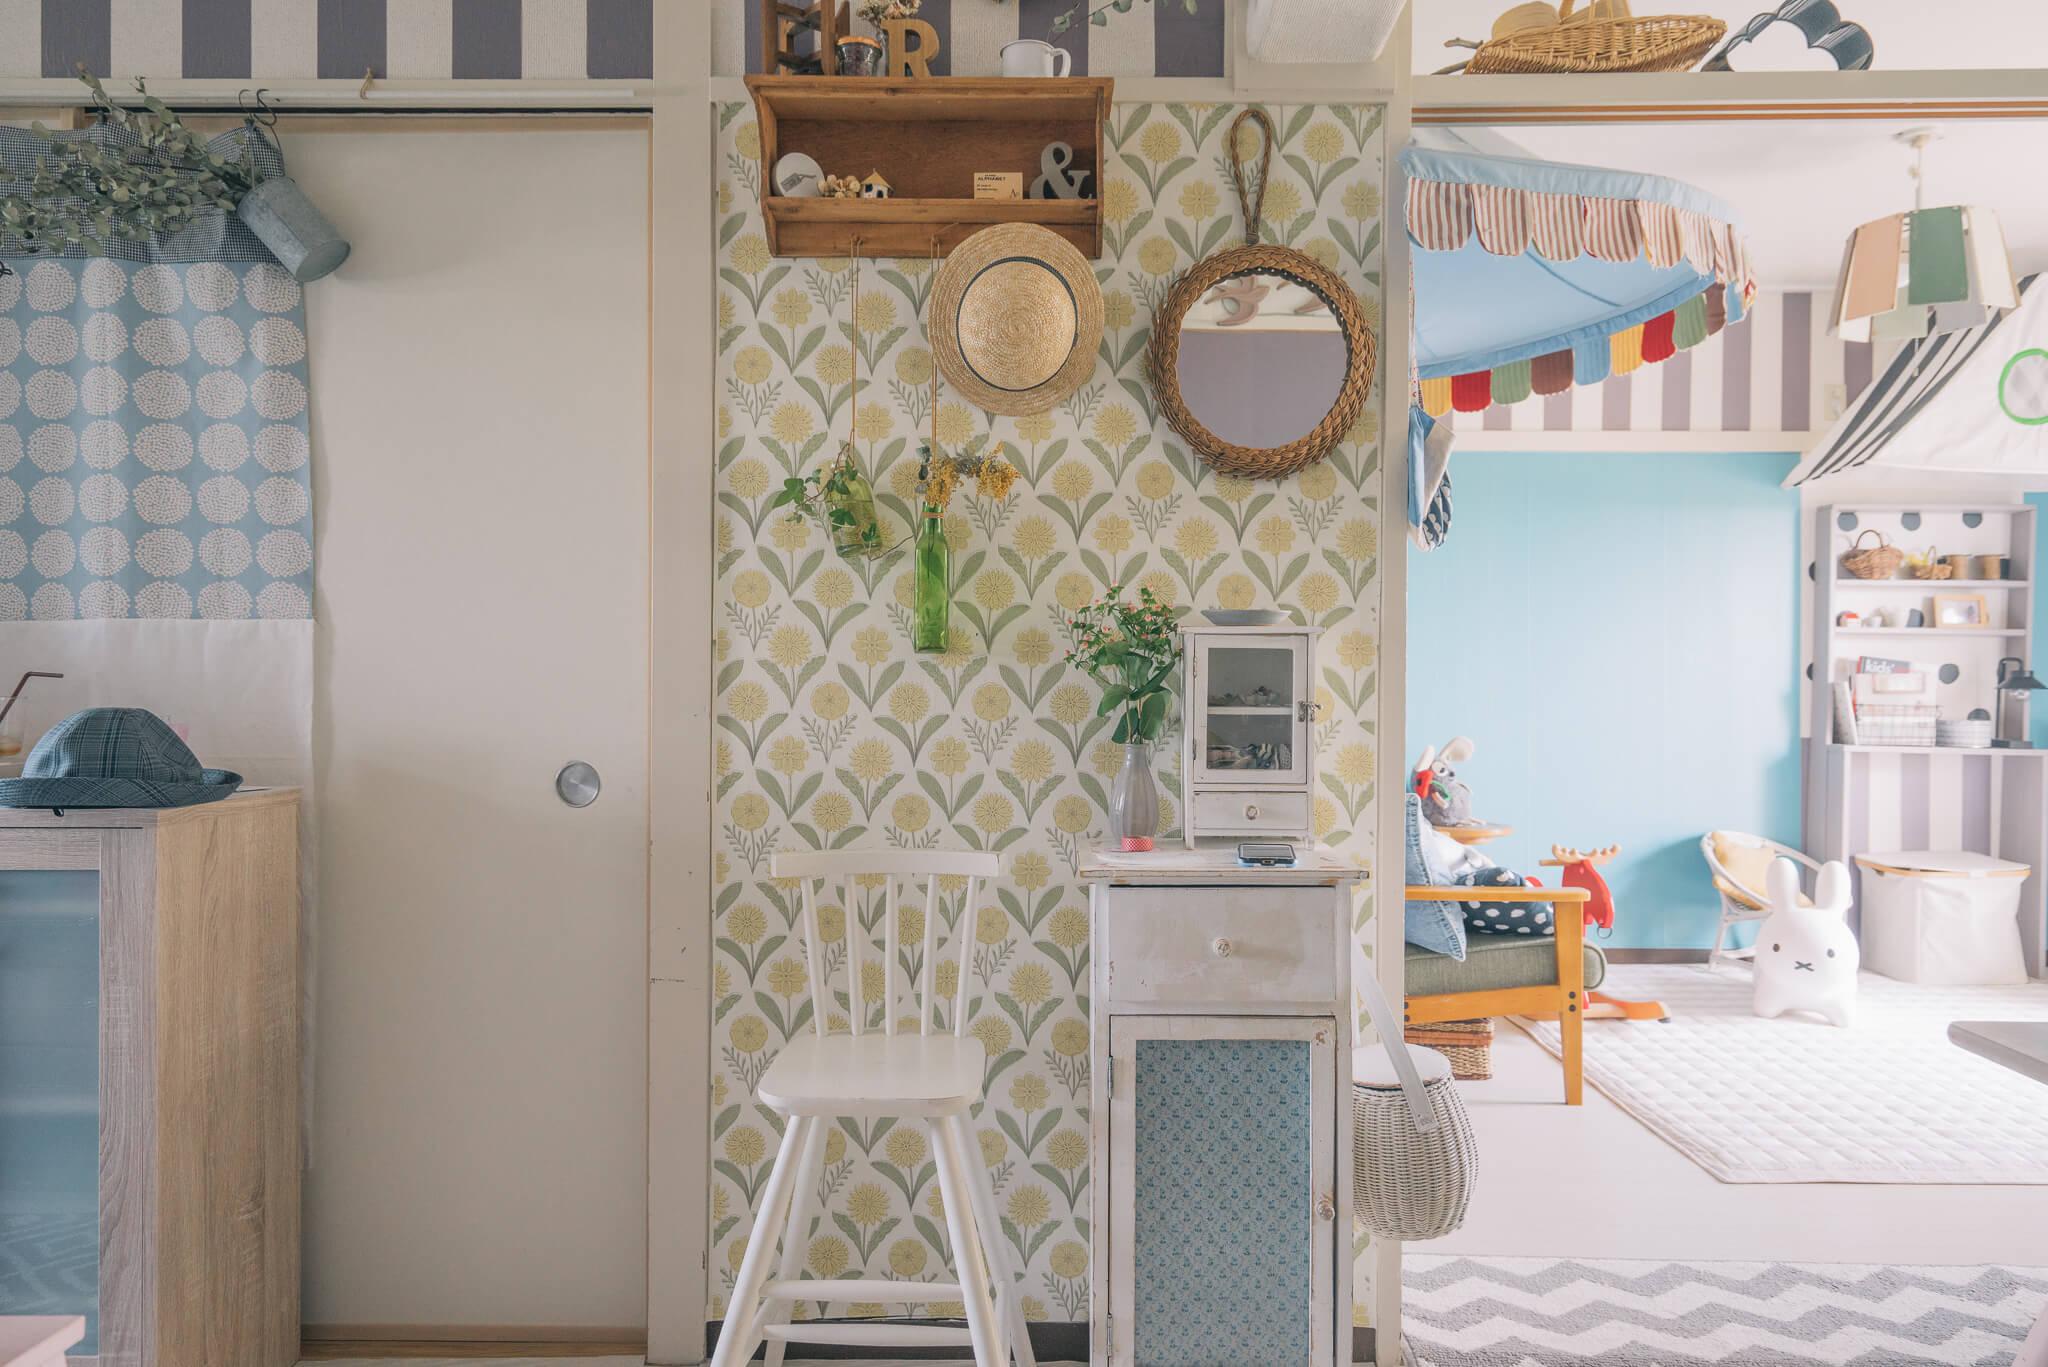 こちらの方はリビングだけでなく、お部屋に入ってすぐ目に入る玄関の壁紙も、大好きな花柄の壁紙に変更。こうした小さな場所でも、自分のテンションが上がるデザインに変えるって、きっと賃貸暮らしが楽しくなる工夫なのだと思います。(このお部屋はこちら)